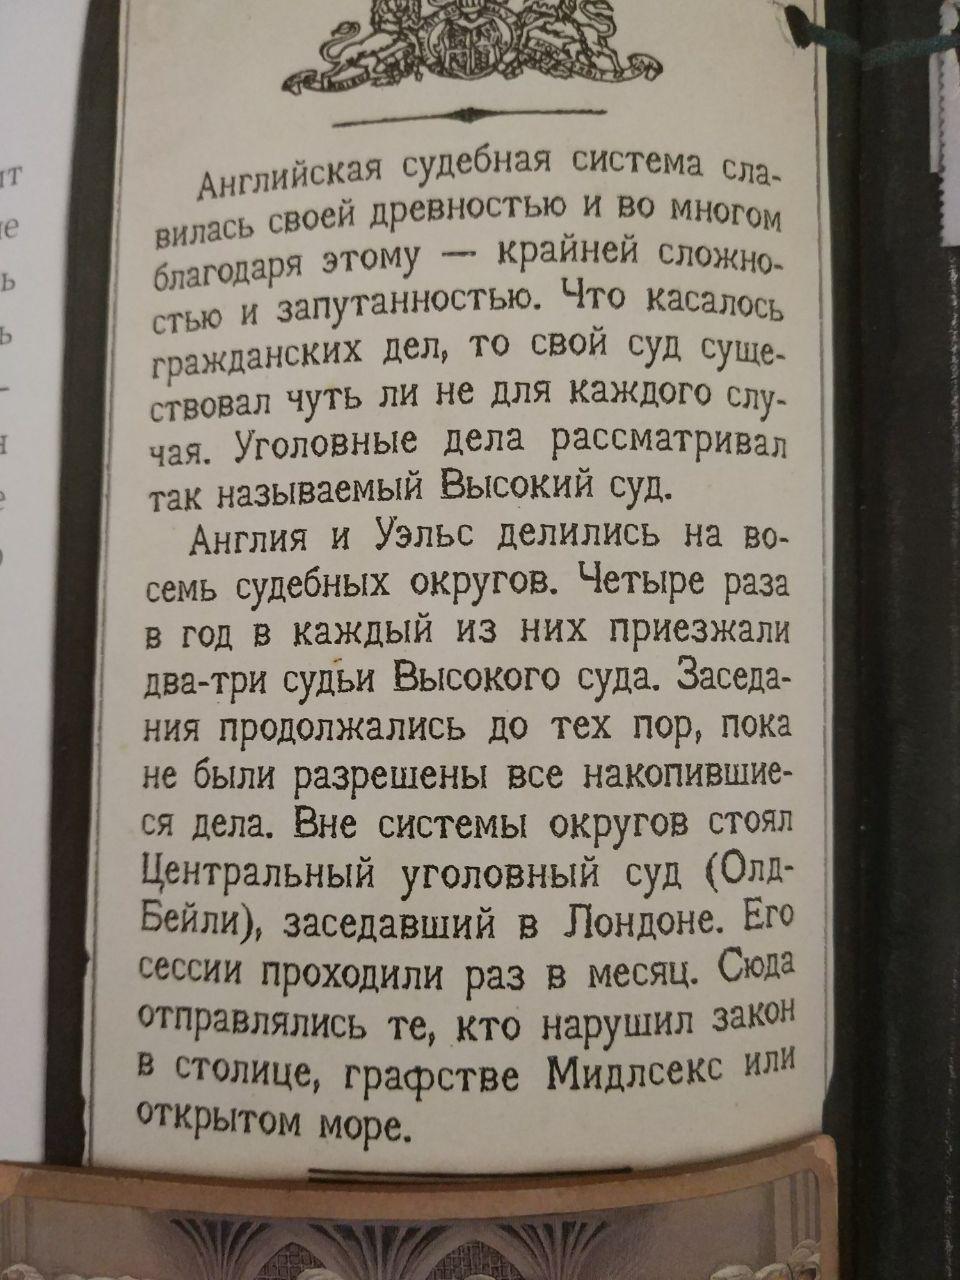 http://sh.uploads.ru/8cWGk.jpg